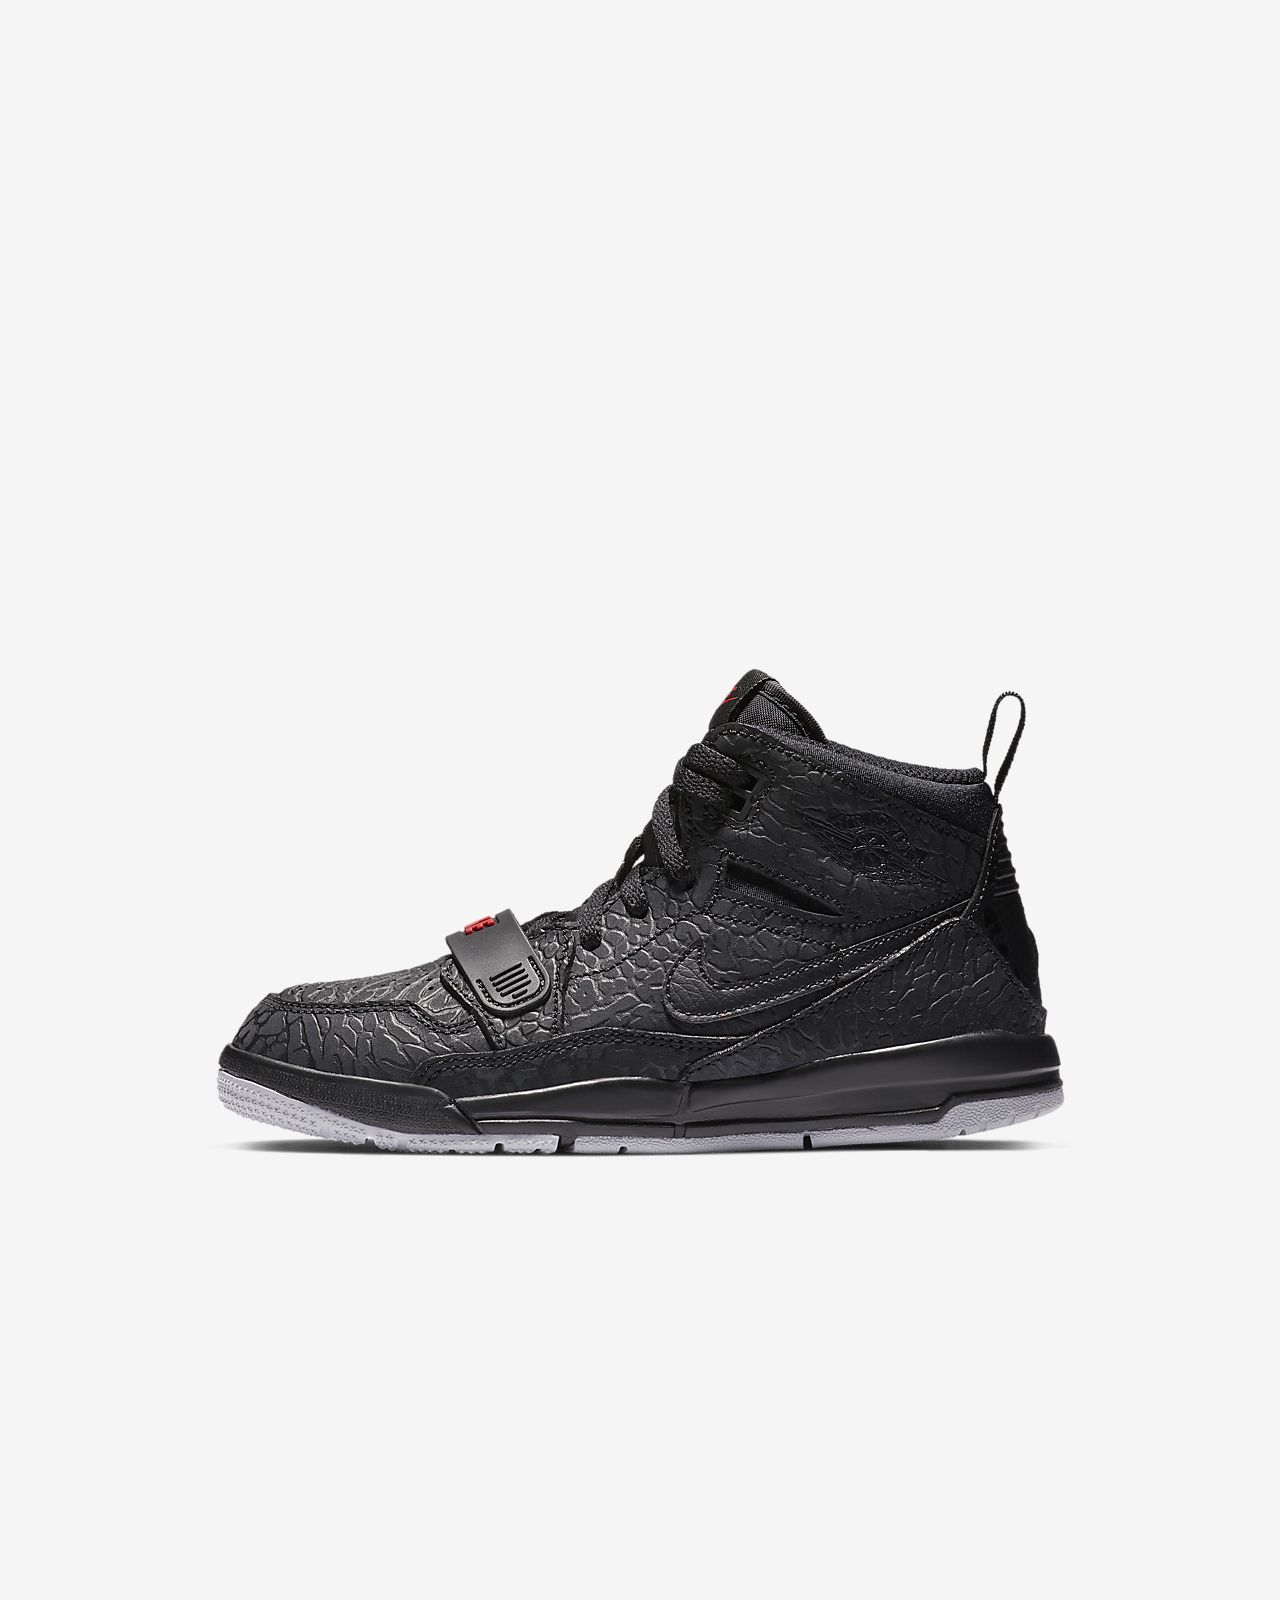 Air Jordan Legacy 312 sko til små barn